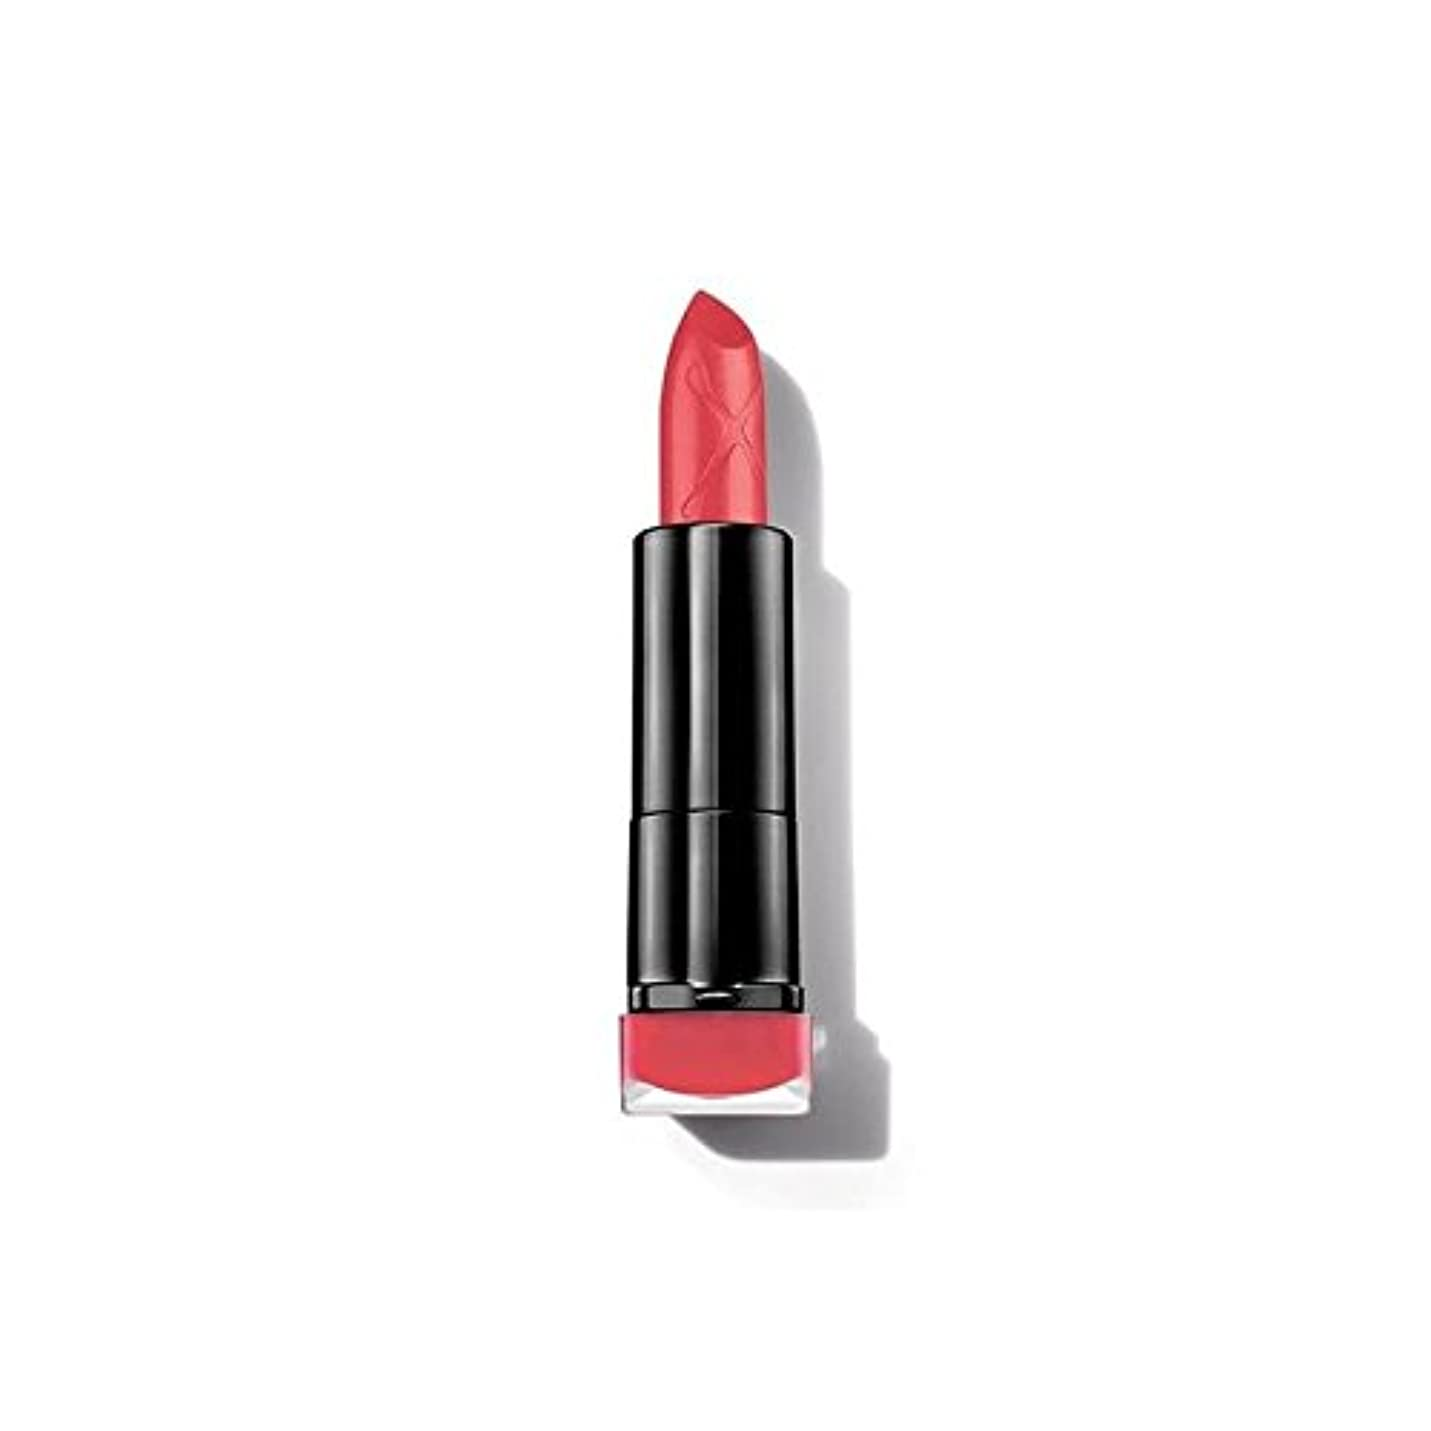 スチュアート島農奴数学者Max Factor Colour Elixir Matte Bullet Lipstick Flame 15 (Pack of 6) - マックスファクターカラーエリキシルマット弾丸口紅火炎15 x6 [並行輸入品]